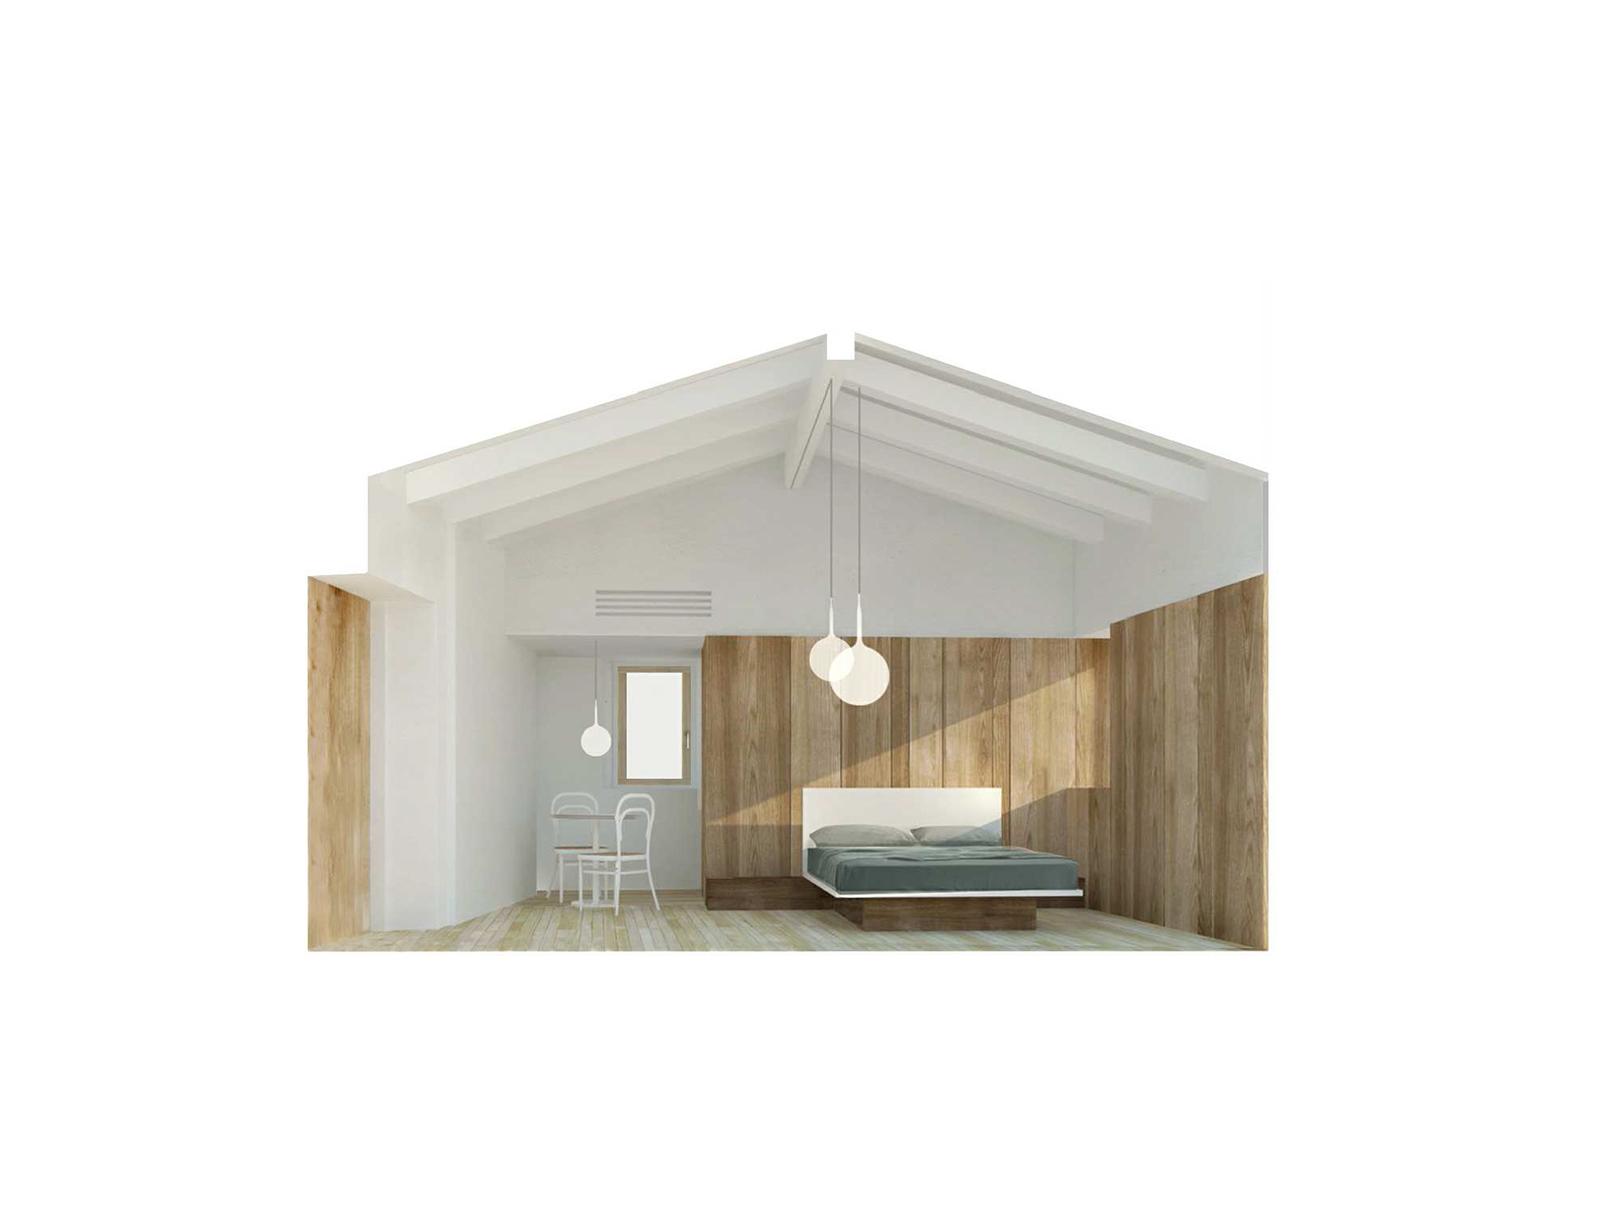 Monlione | albergo diffuso naturale